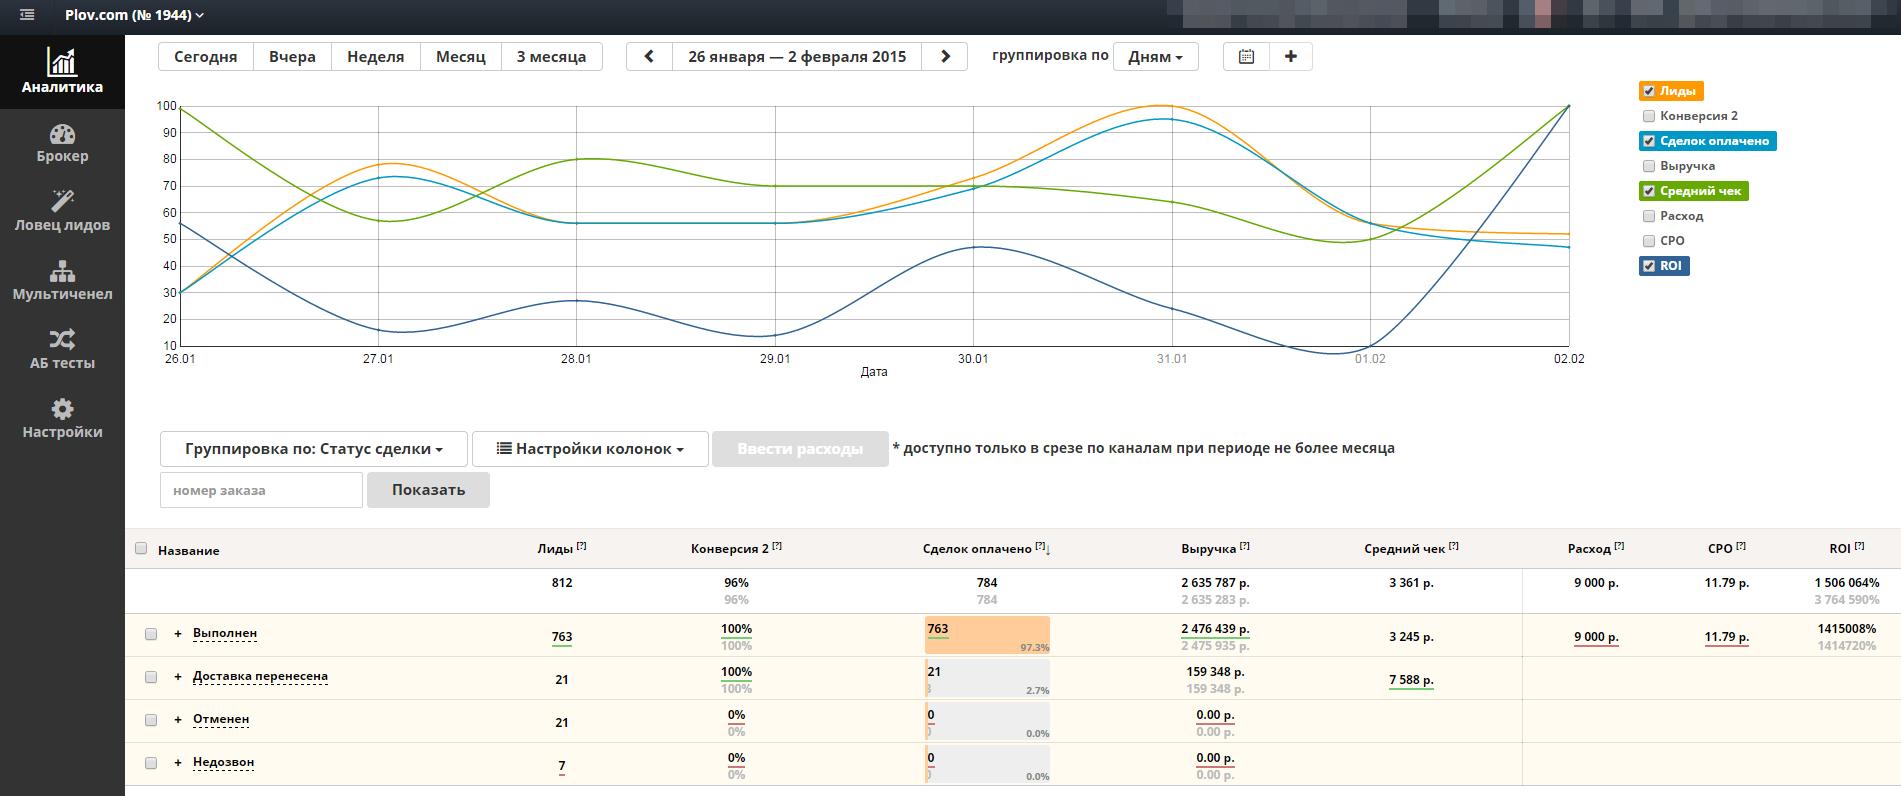 Roistat предоставляет всегда актуальную аналитику ваших продаж. Сбор статистики помогает увидеть проблемы и отладить бизнес-процессы. Мы разбираем пользу сквозной аналитике на примере кейса Plov.com